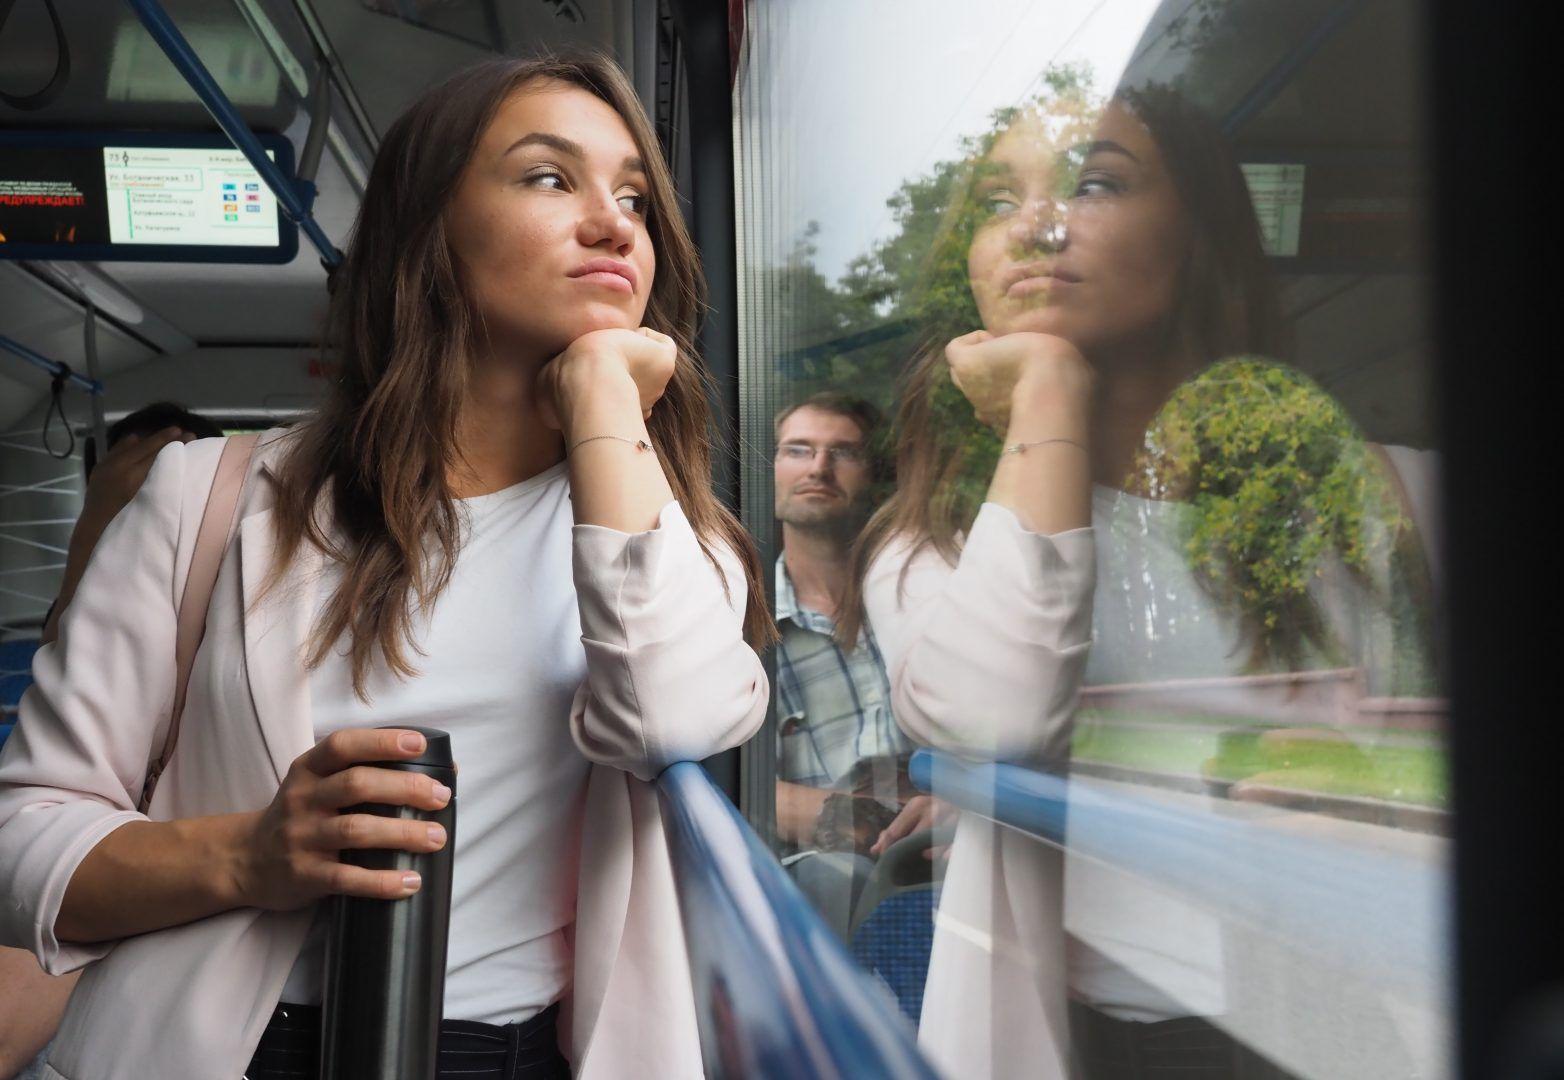 Пассажиропоток на дополнительных маршрутах в Новой Москве увеличился почти до двух миллионов человек. Фото: Антон Гердо, «Вечерняя Москва»